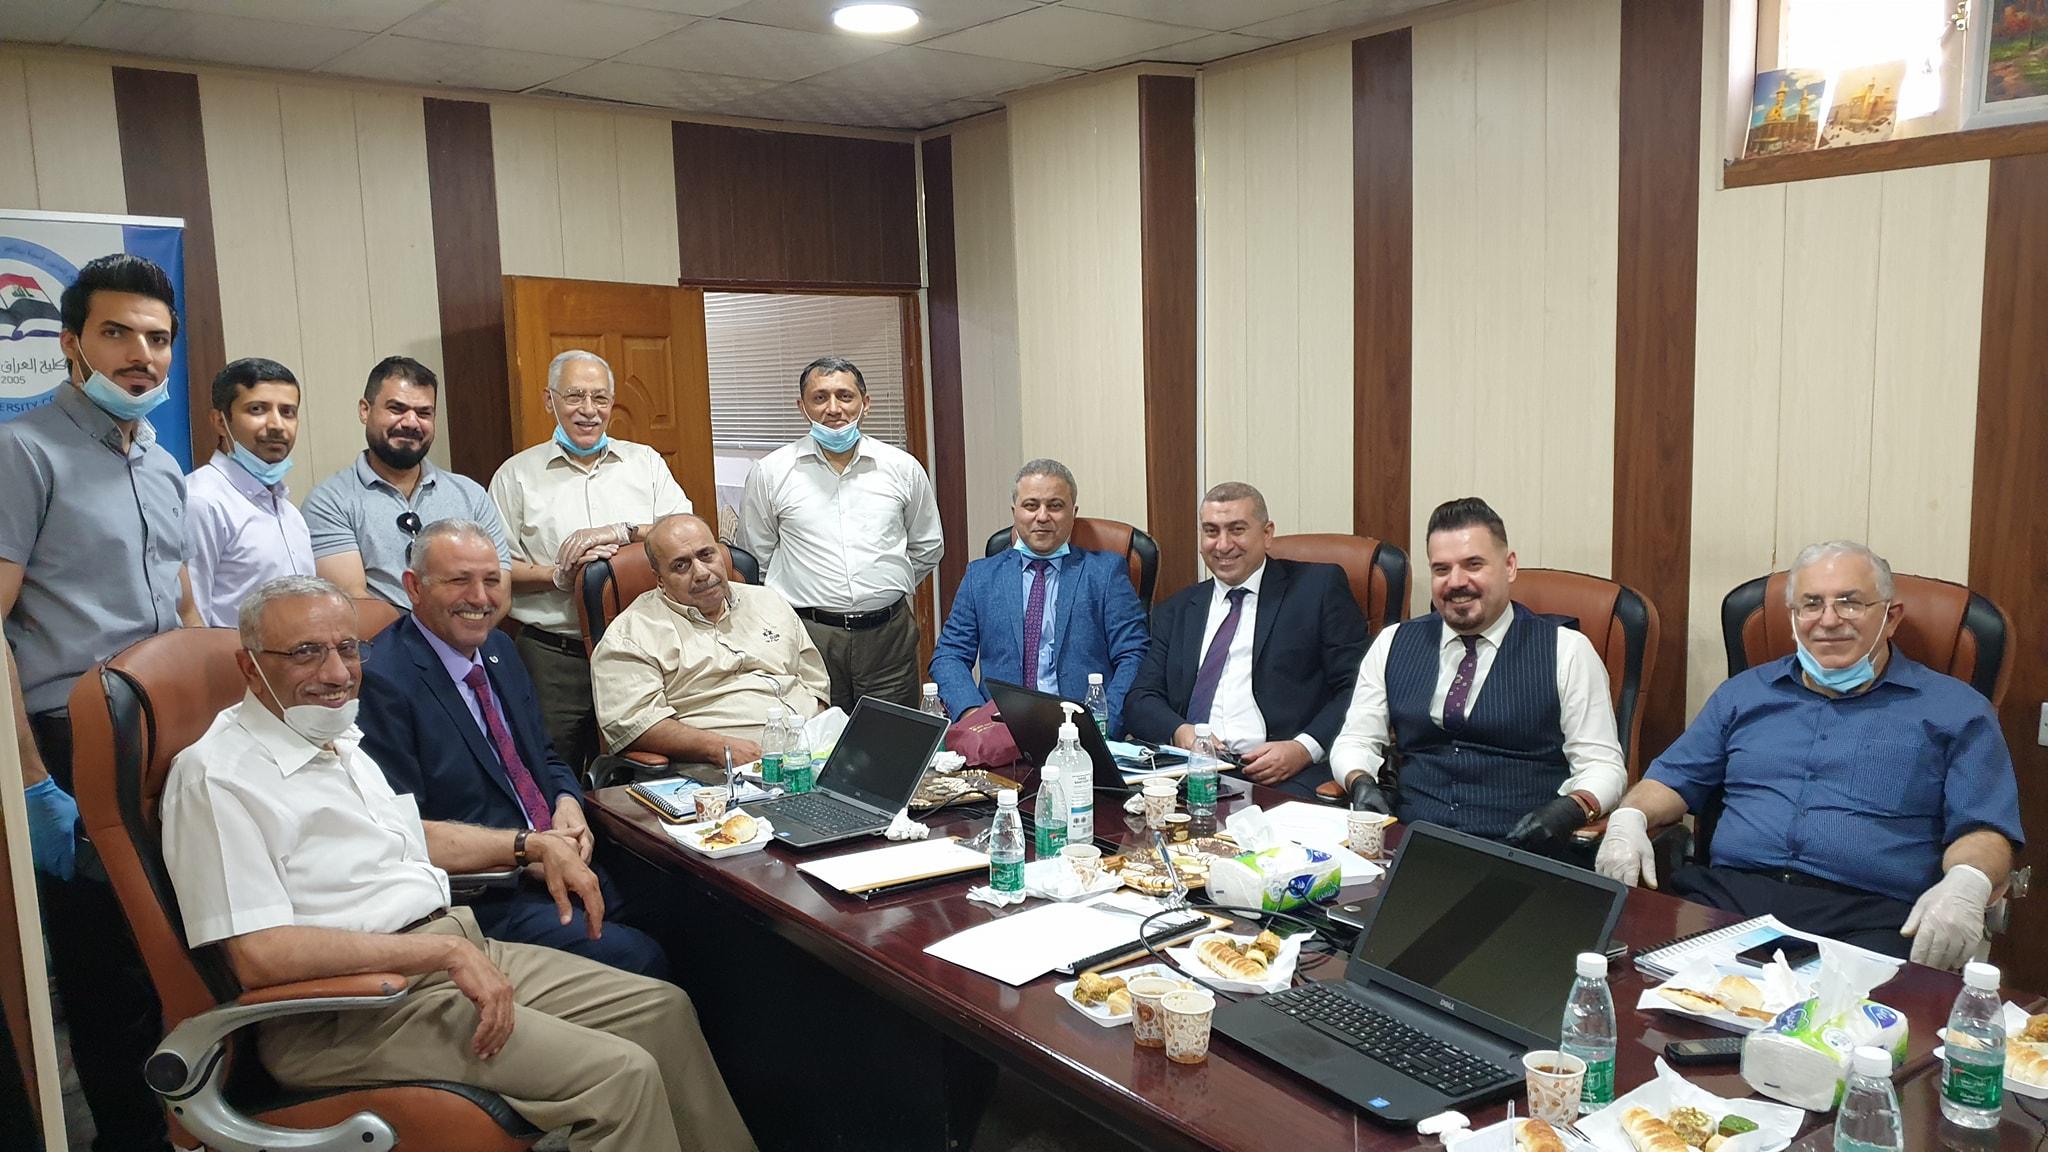 لقاء ممثلي كلية شط العرب الجامعة مع الفريق الوزاري للتعليم الالكتروني